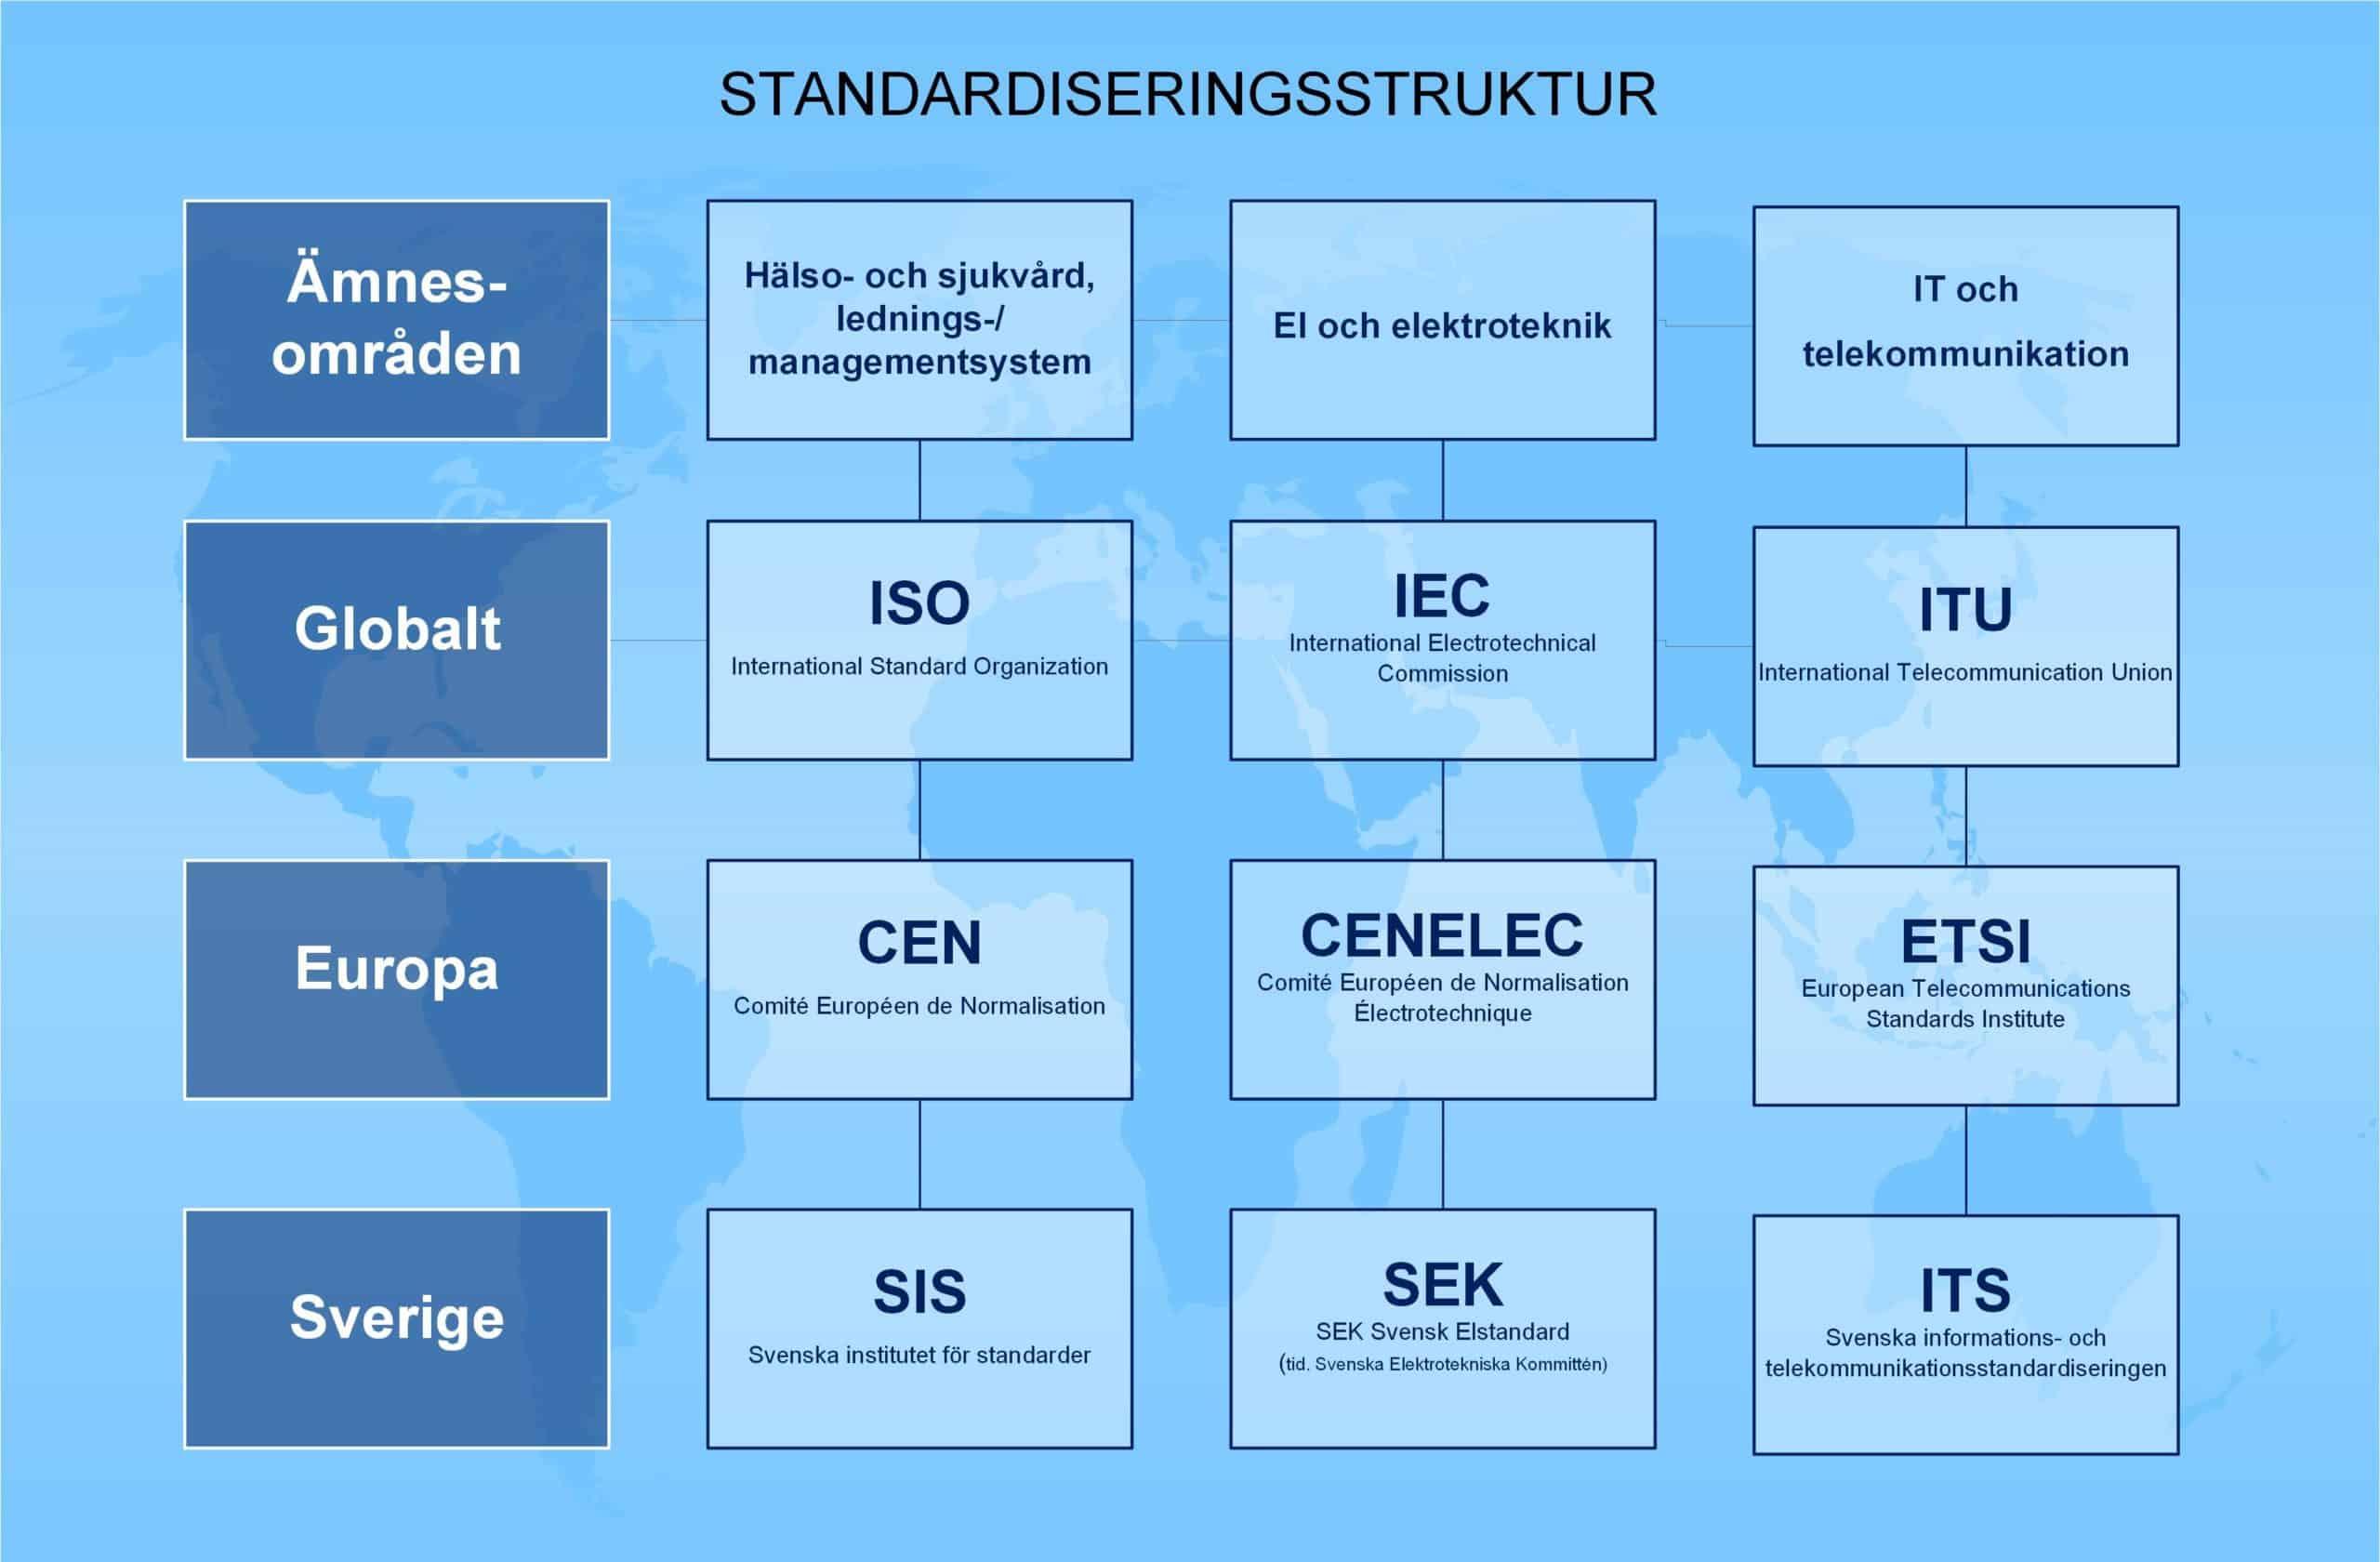 SäkerhetsBranschen i standardiseringsarbetet